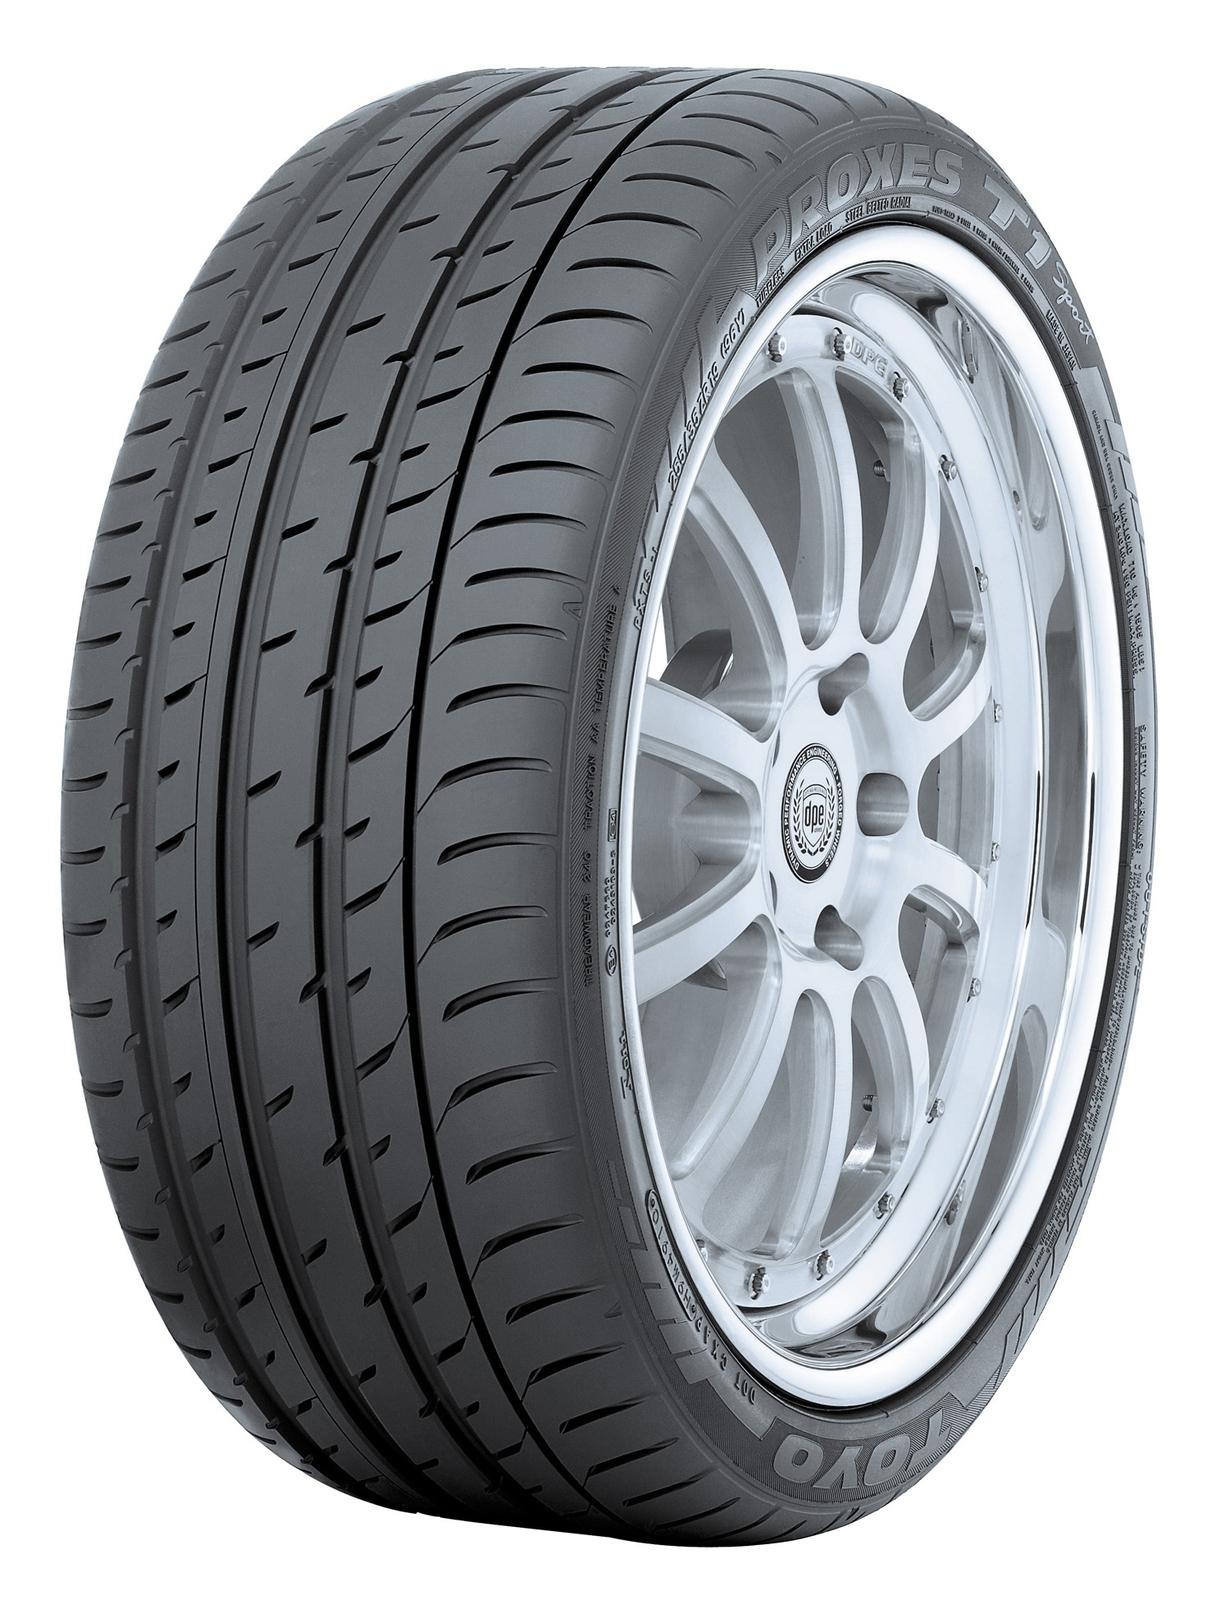 TOYO proxes t1 sport suv 275/40 R22 107Y TL XL, letní pneu, osobní a SUV